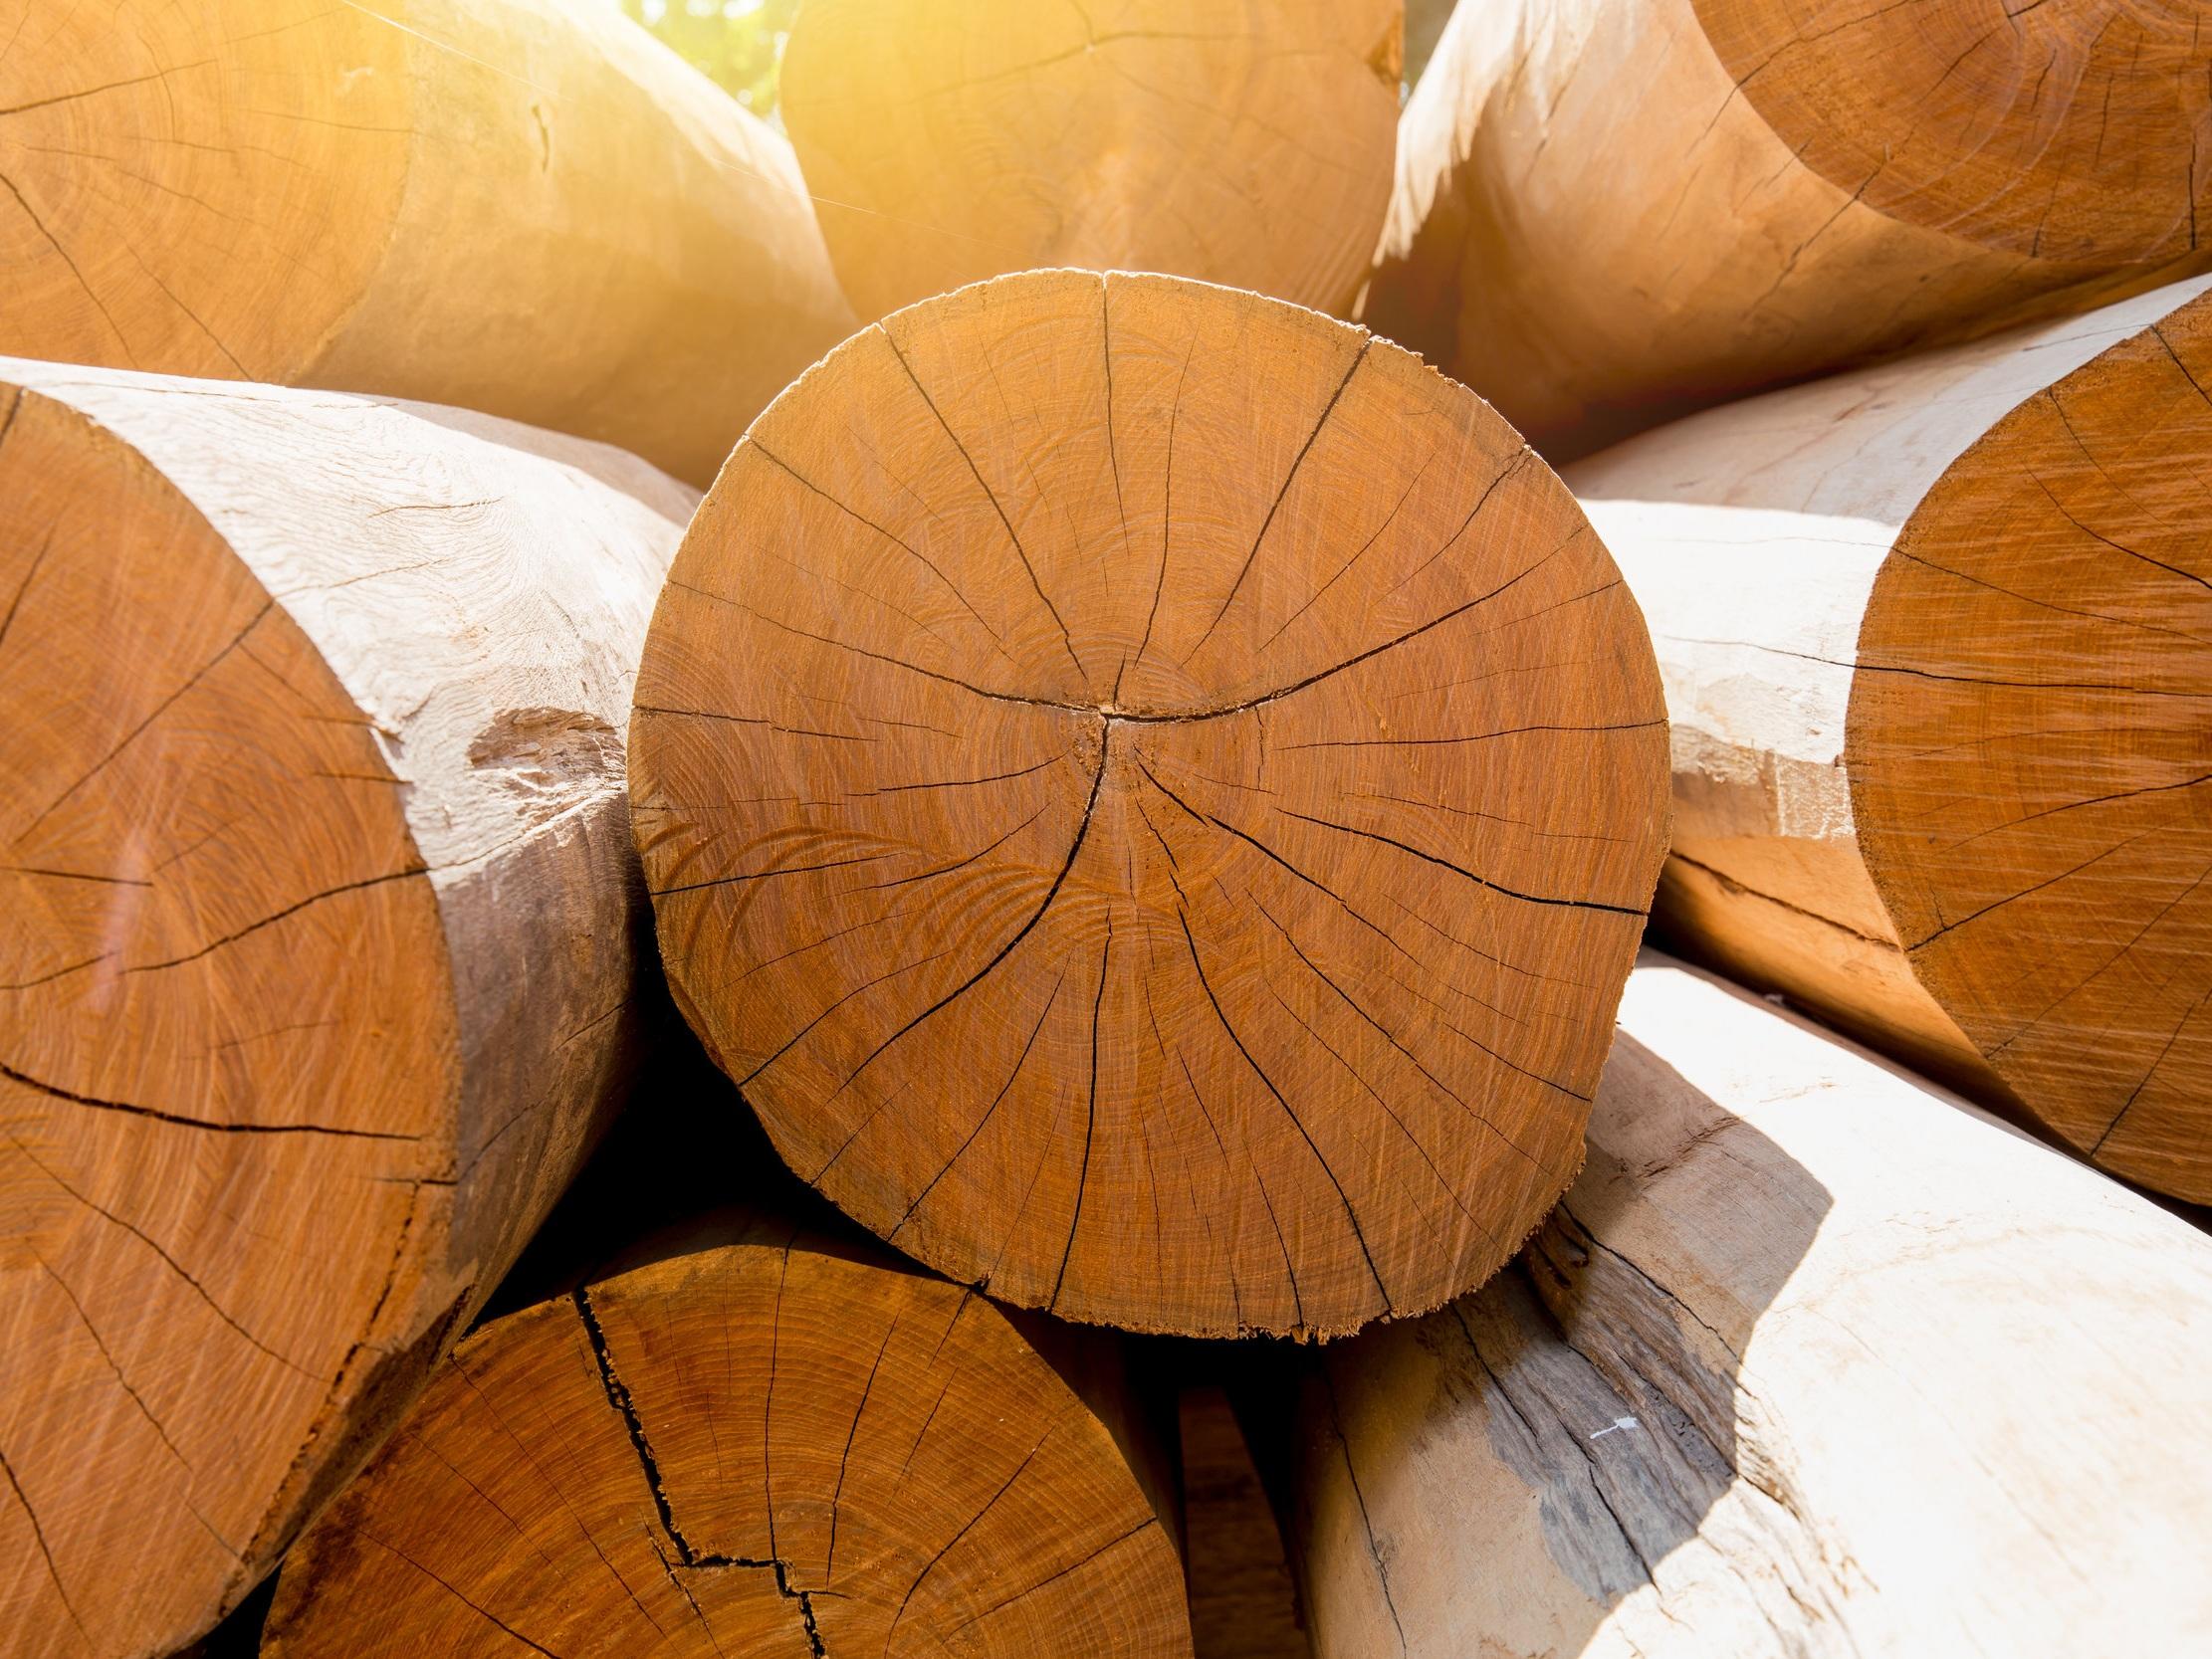 Waste timber disposal